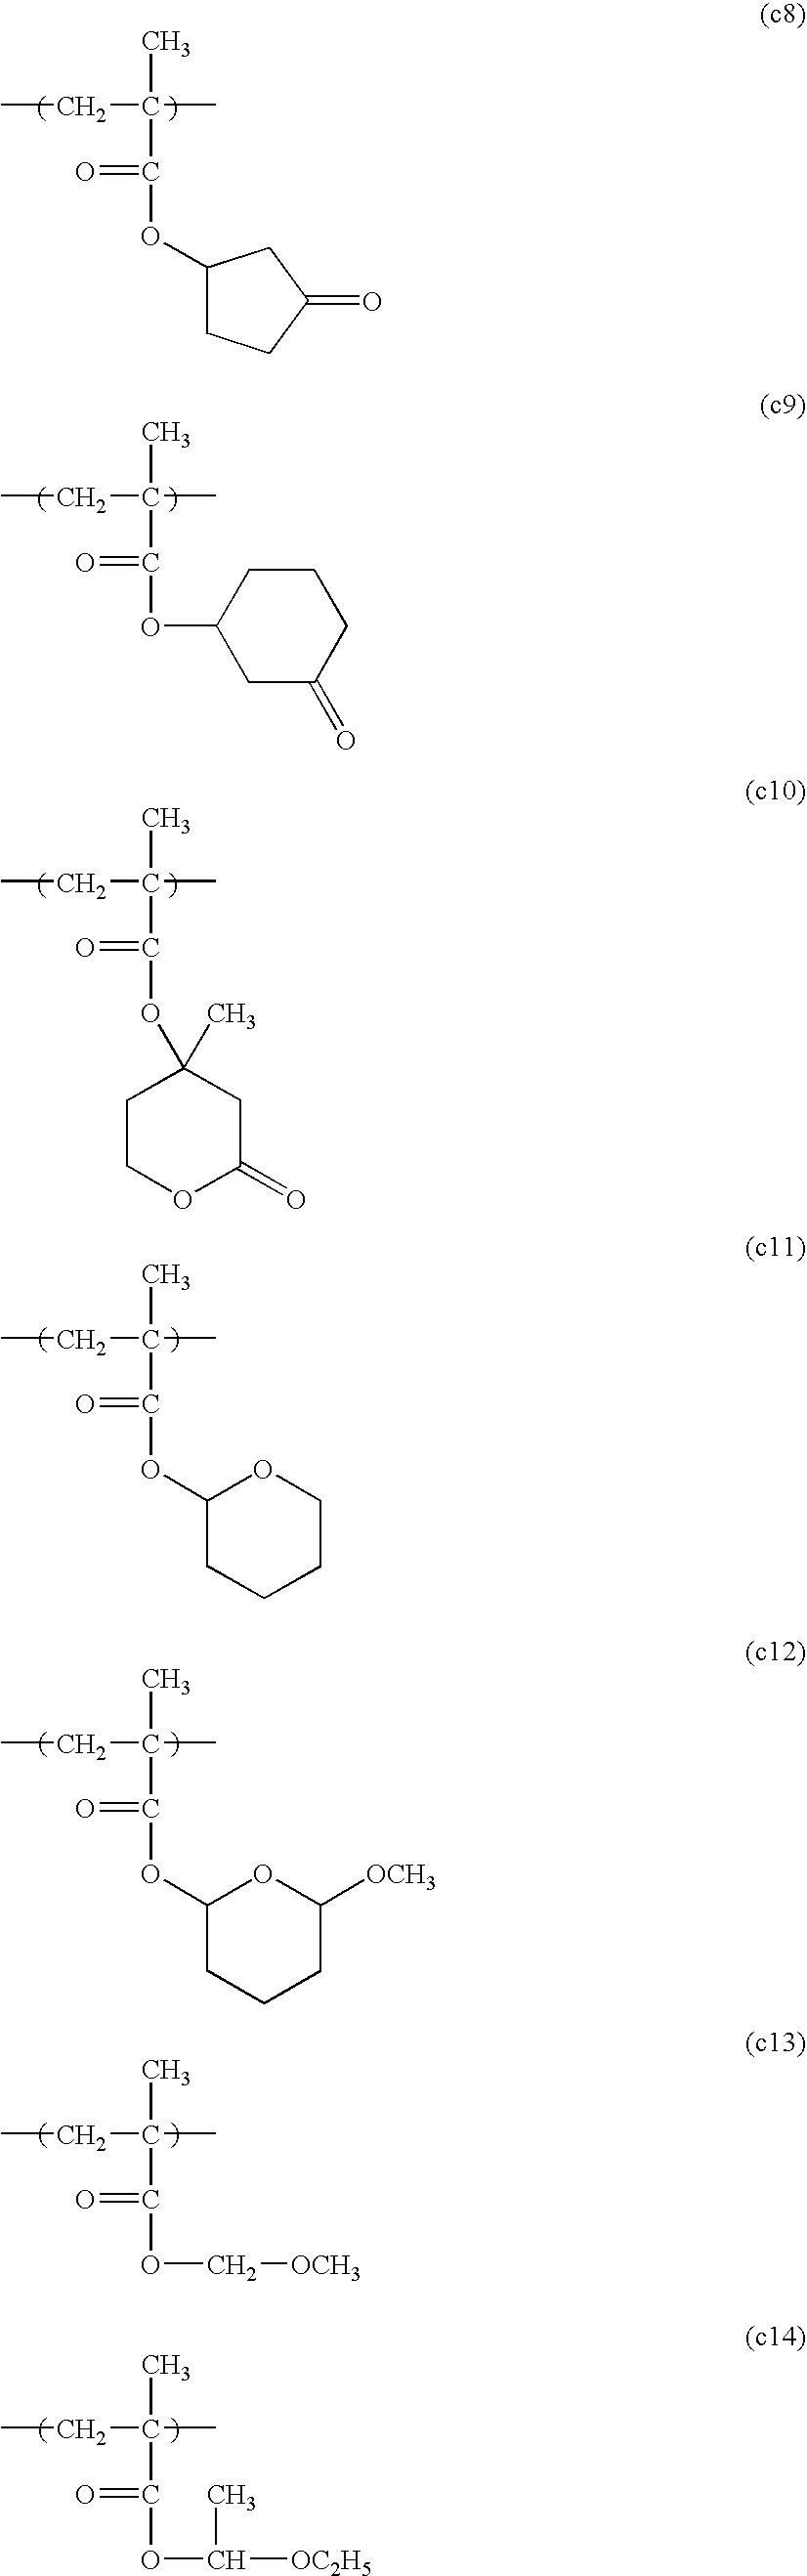 Figure US20070003871A1-20070104-C00054